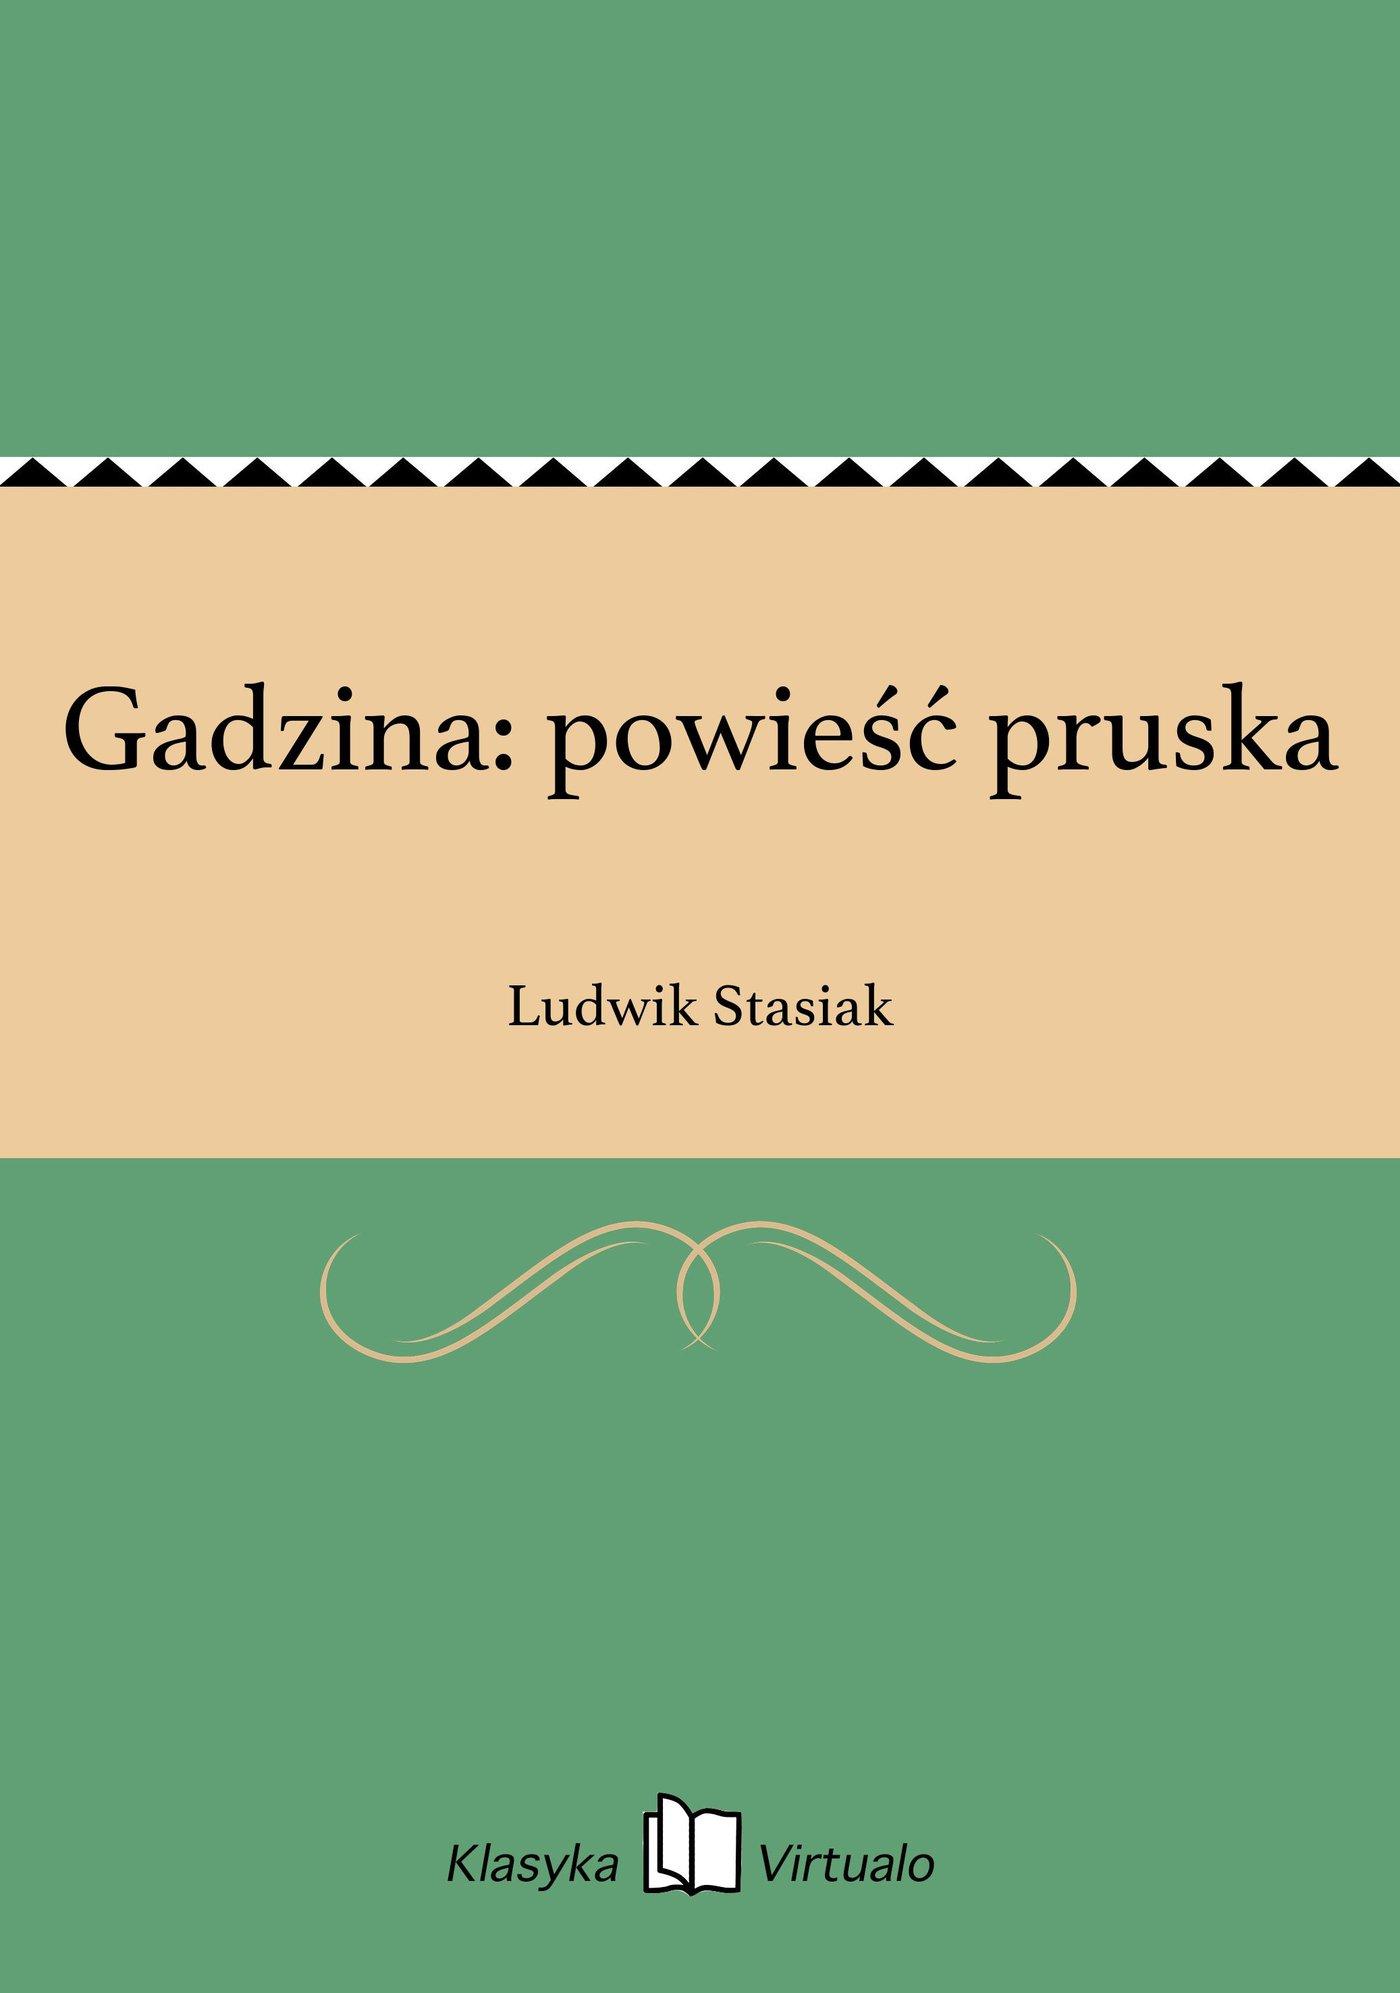 Gadzina: powieść pruska - Ebook (Książka EPUB) do pobrania w formacie EPUB